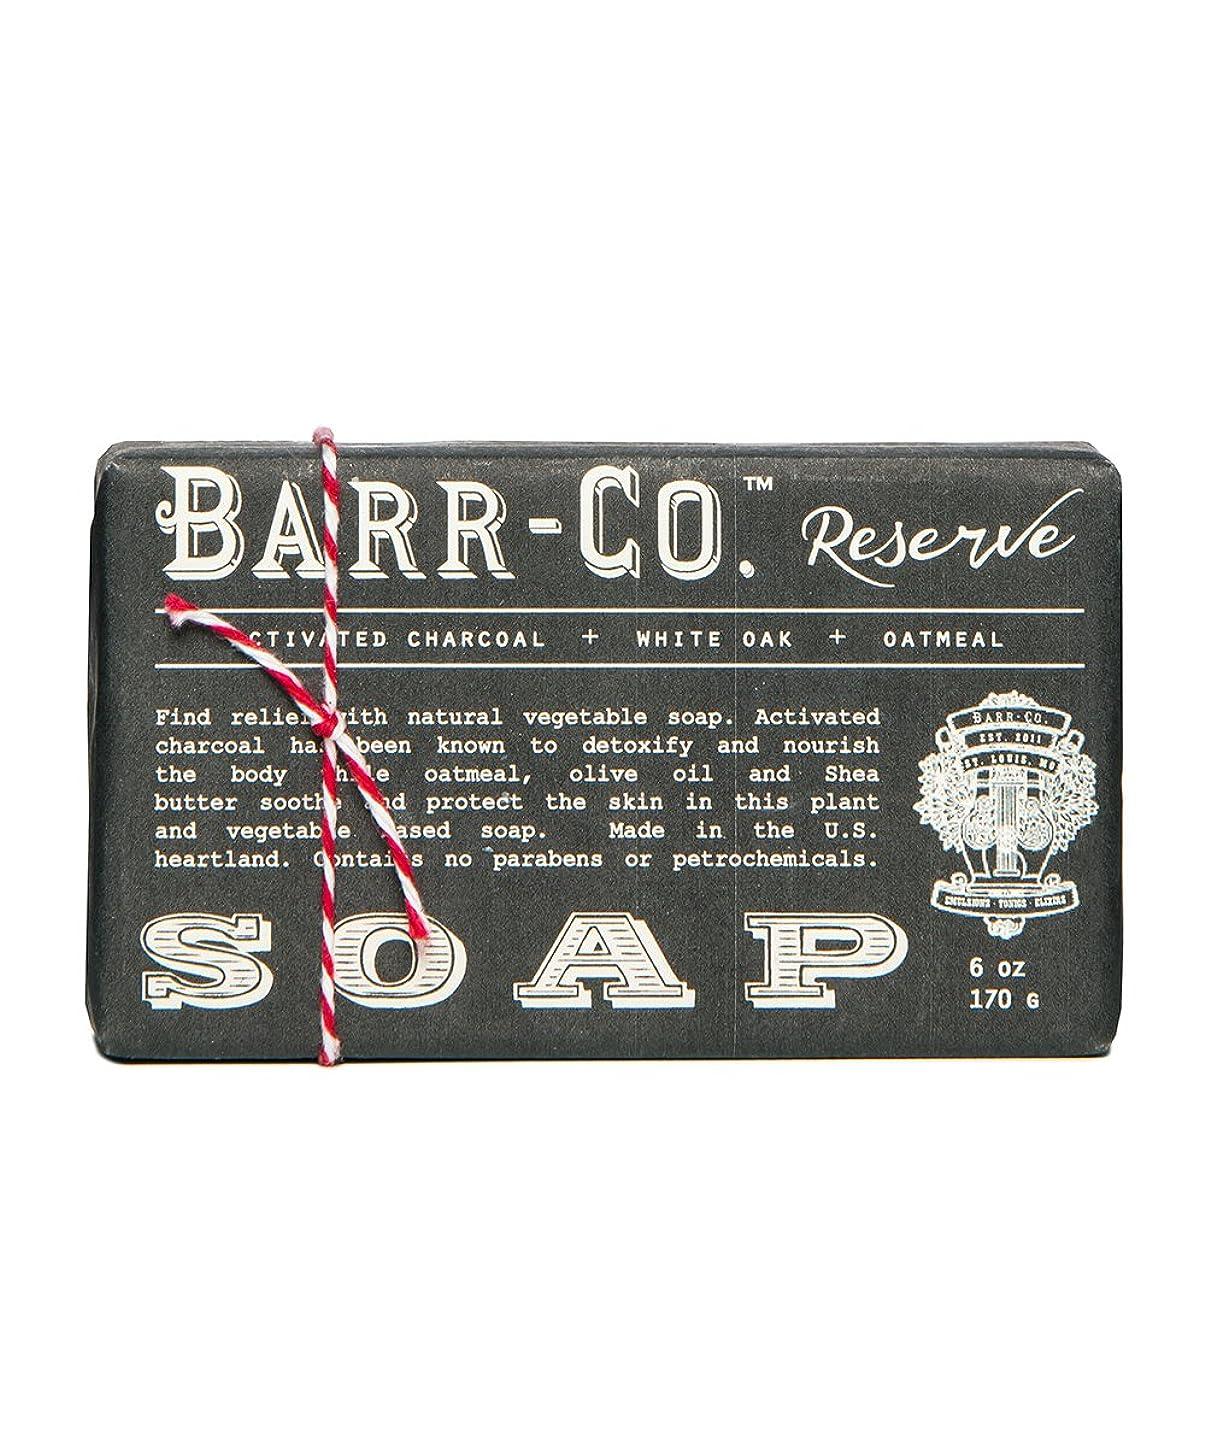 不完全な足音頑張るバーコ(BARR-CO.) バーソープ リザーブ